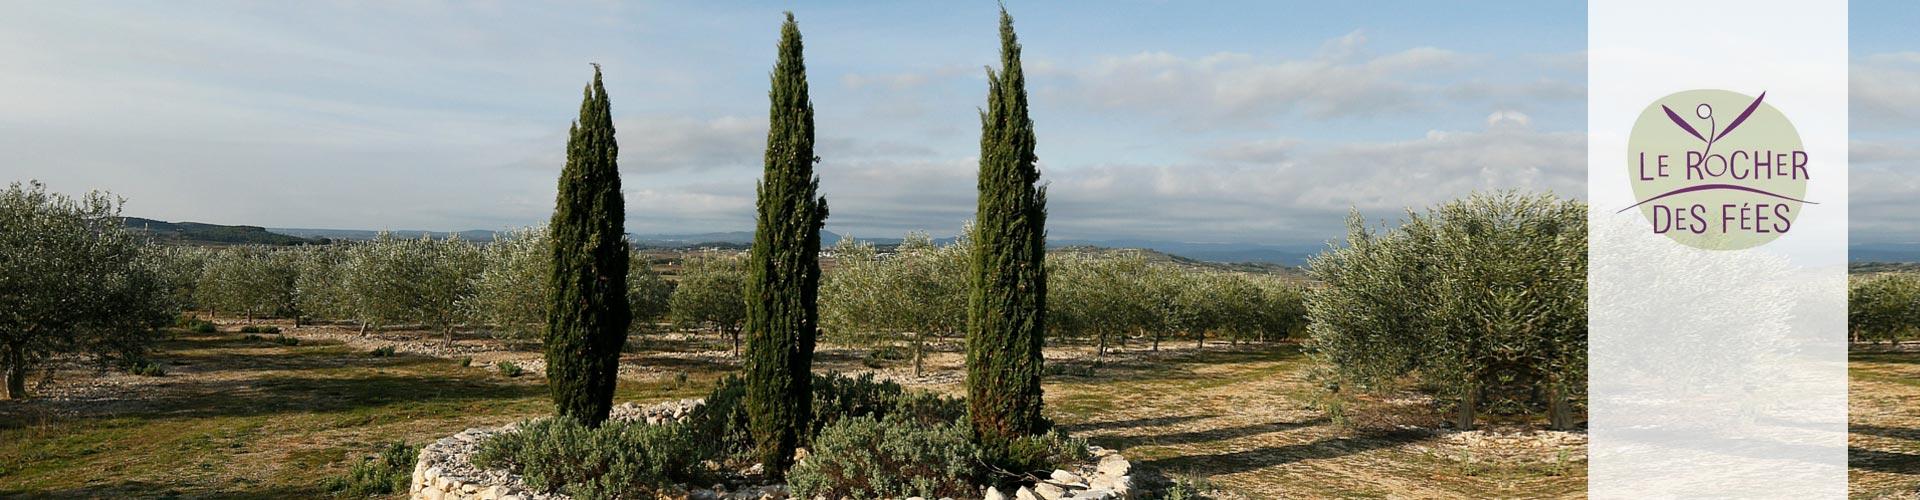 Le Rocher des Fées, huile d'olives et raisin de table à Vendémian en Coeur d'Hérault